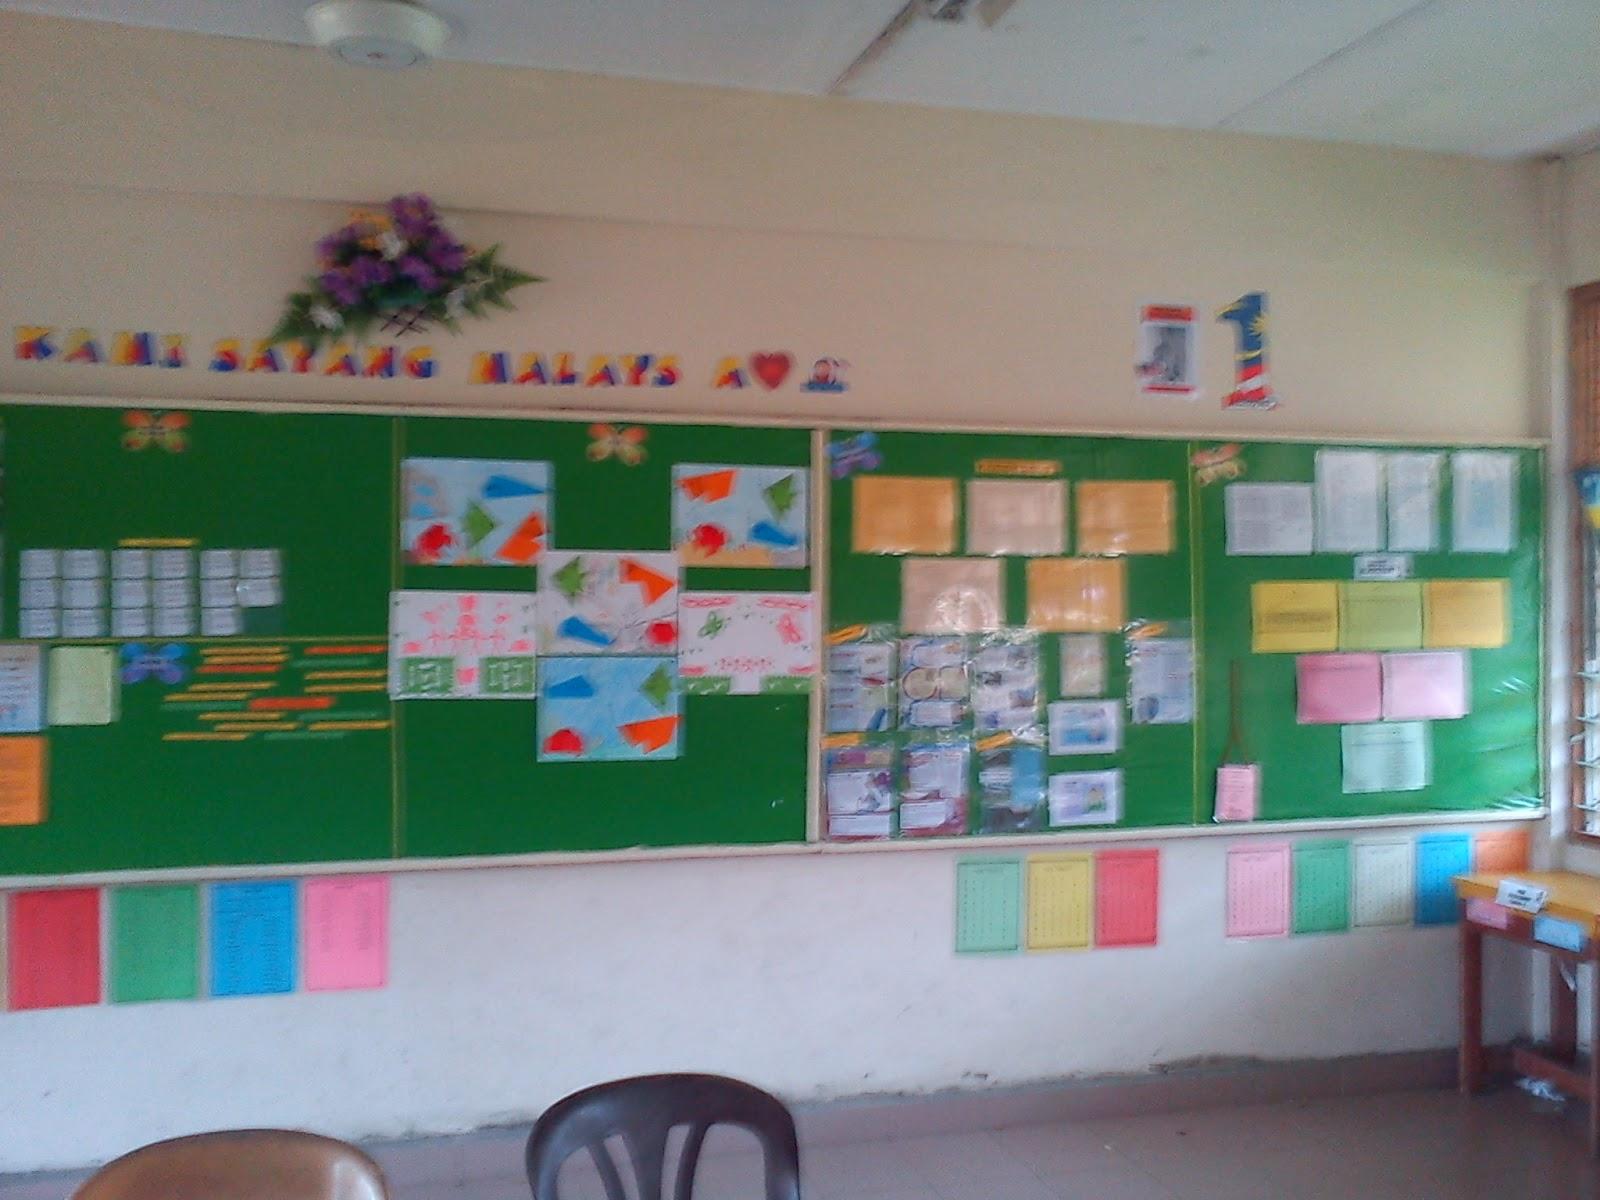 Gambar 3 dimensi ruang tamu syd thomposon 2012 for Contoh lukisan mural tadika